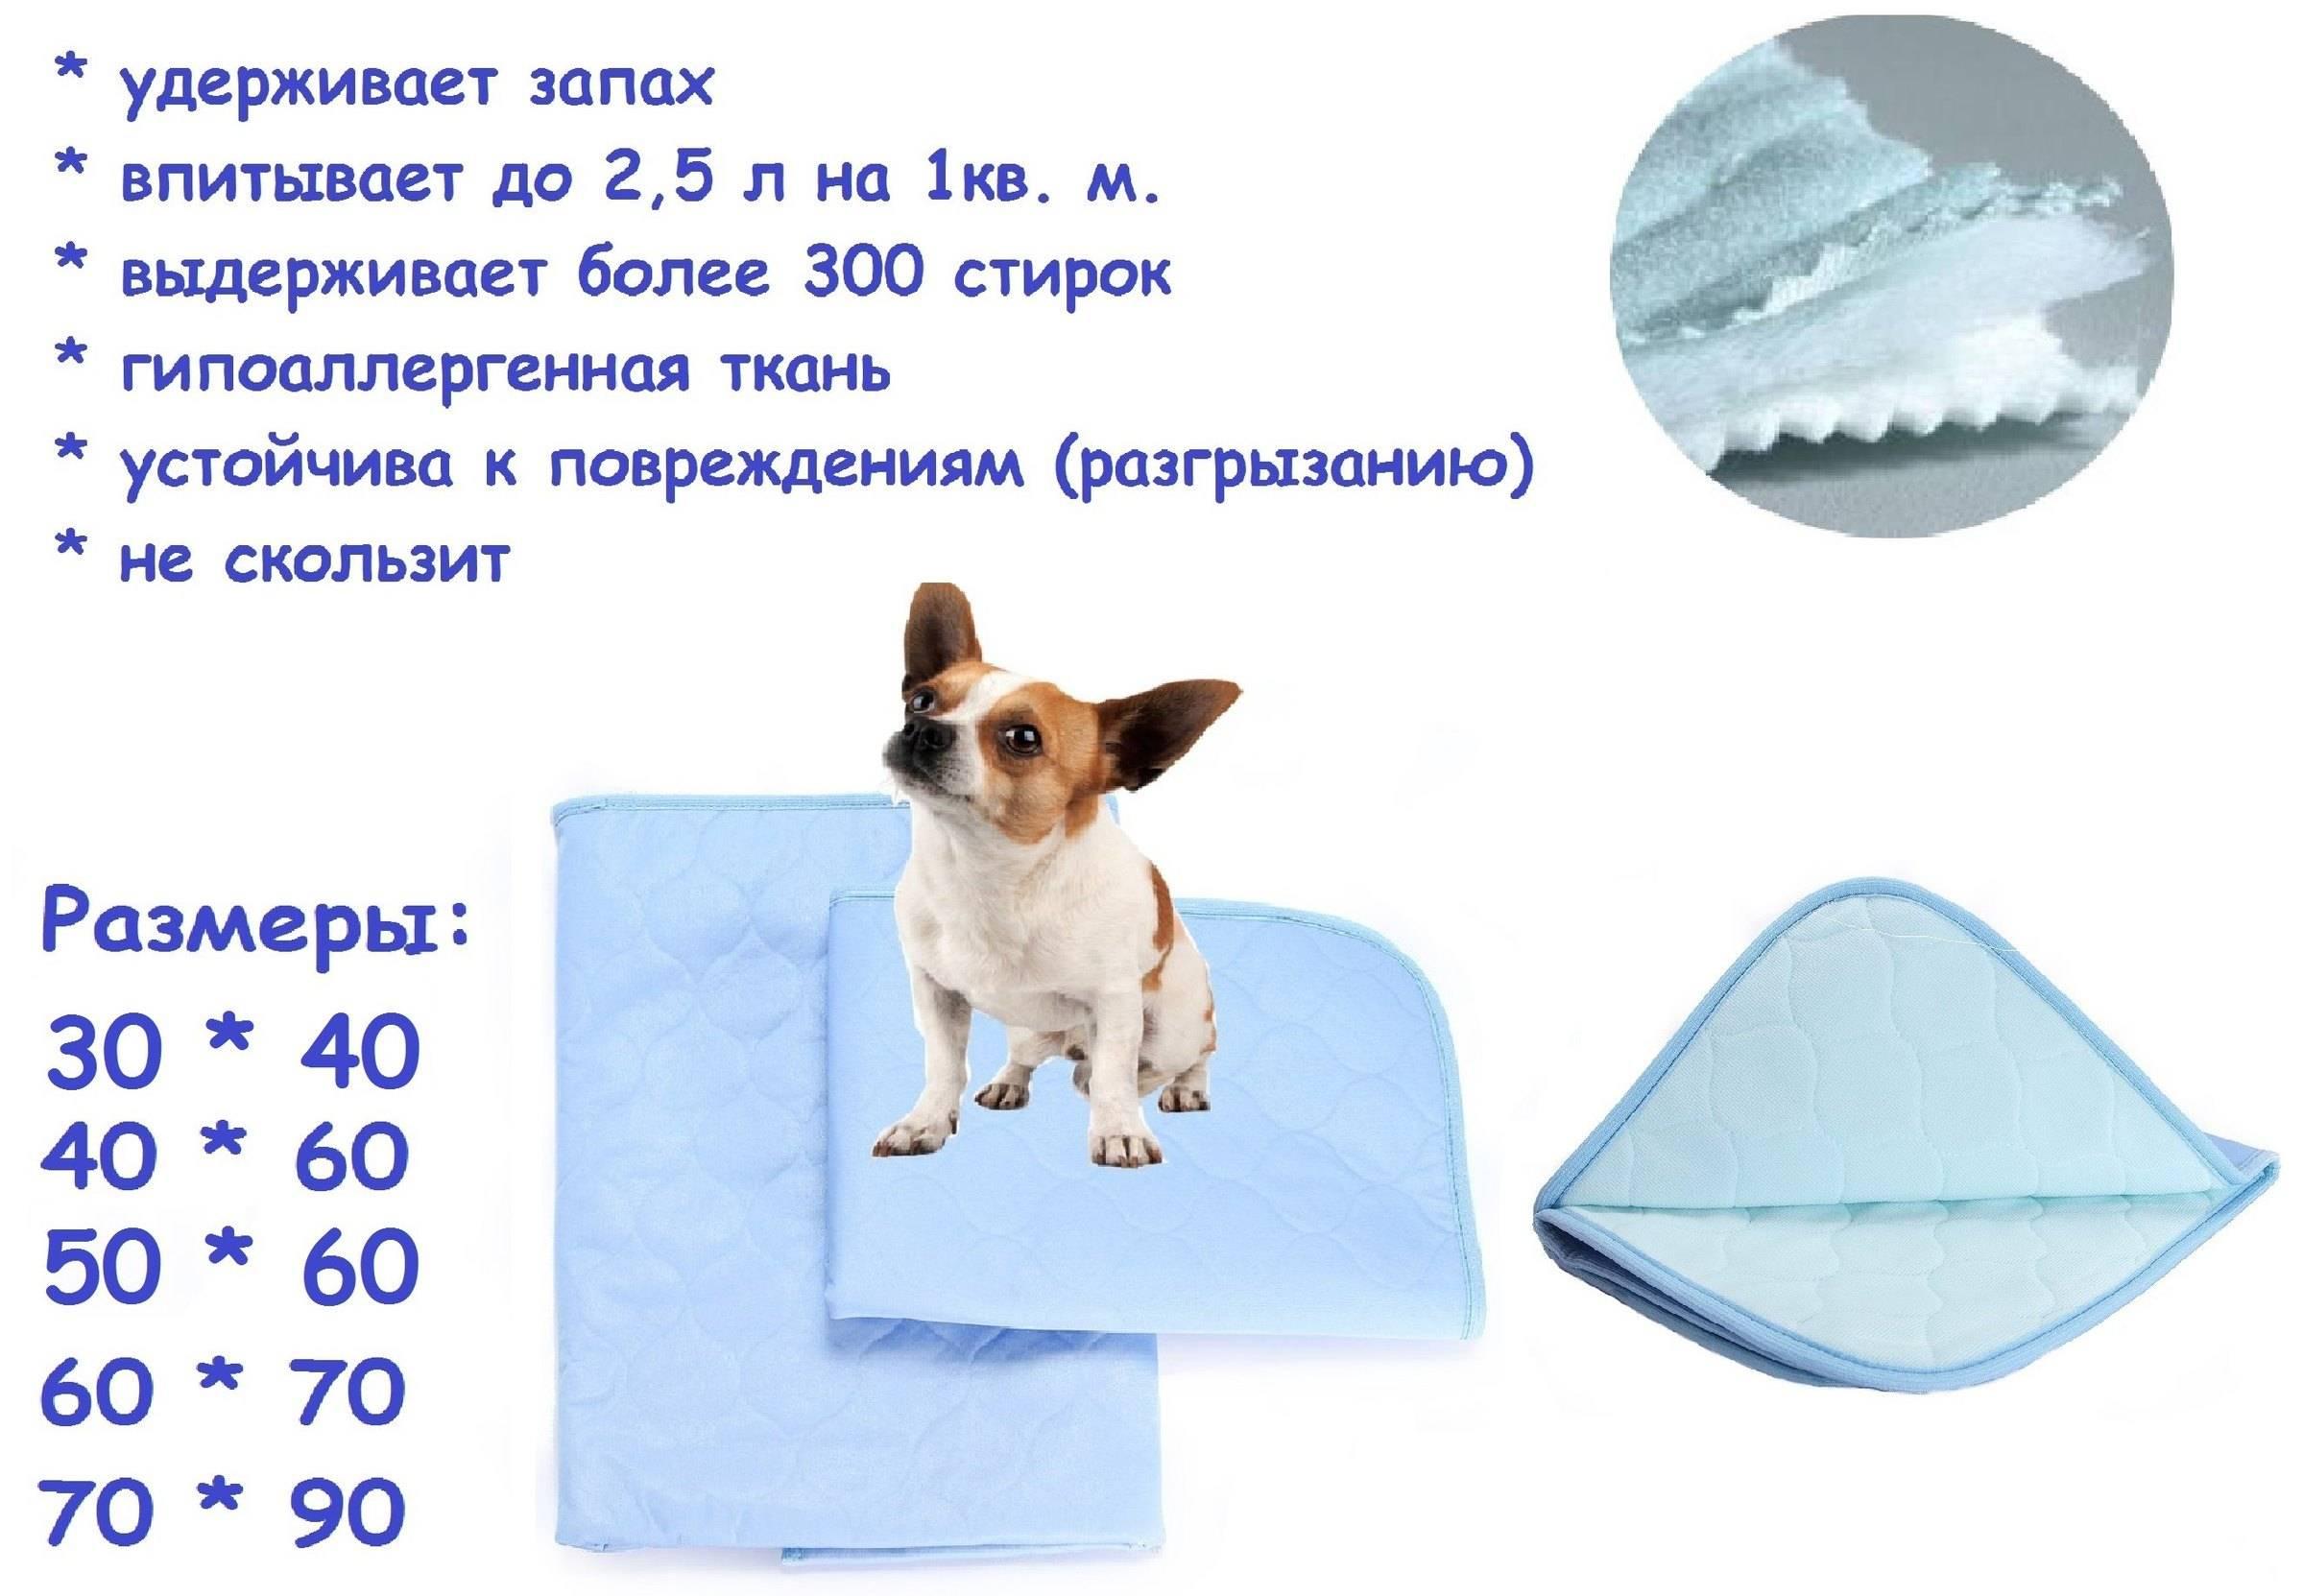 Пеленки для собак: преимущества, виды и особенности использования